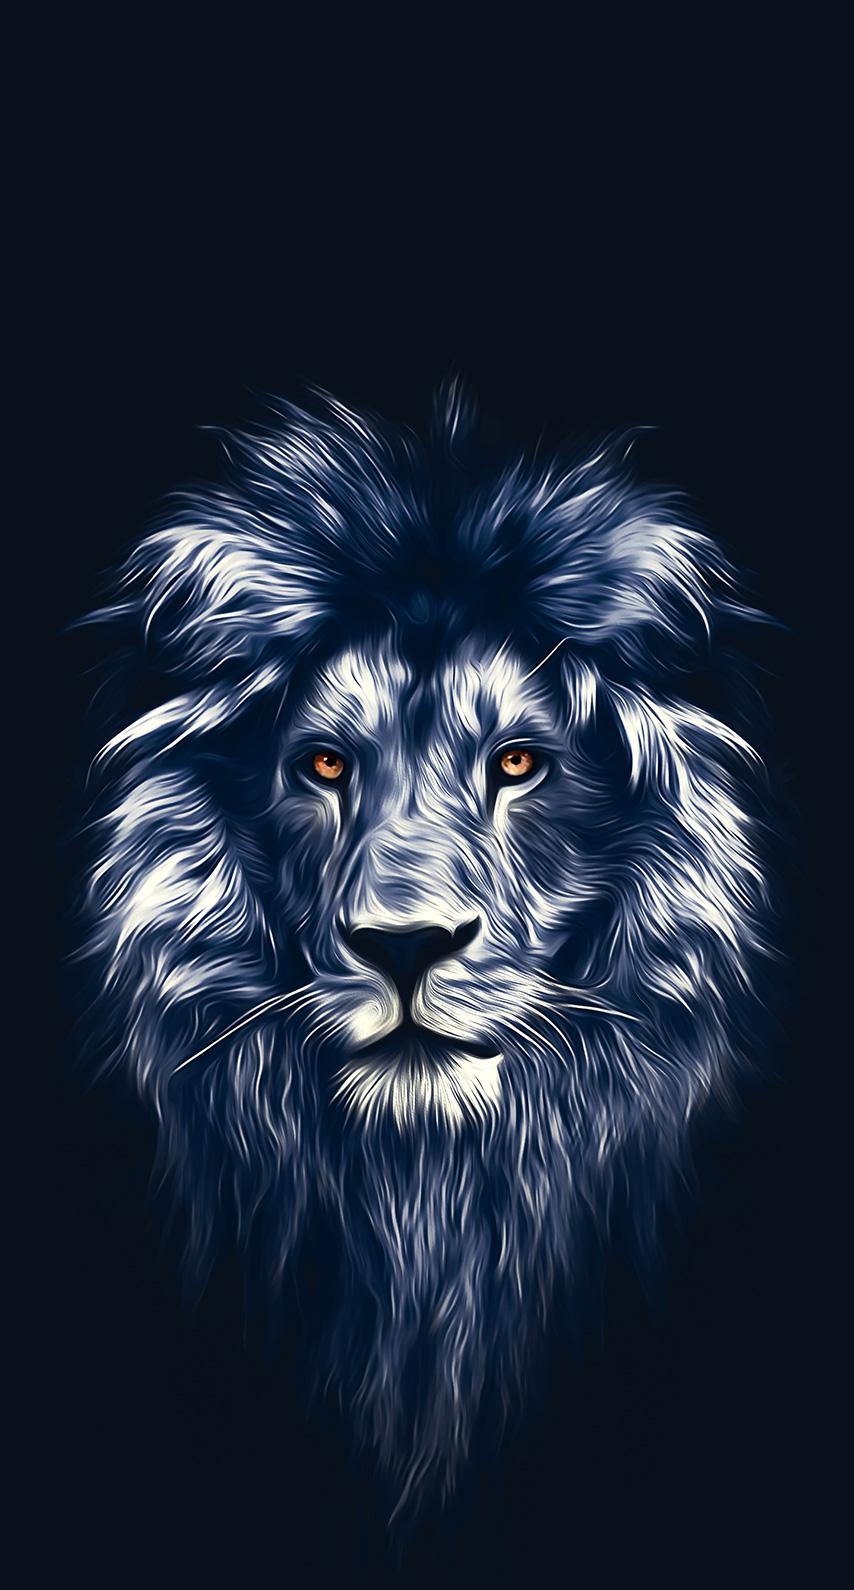 monster, lion